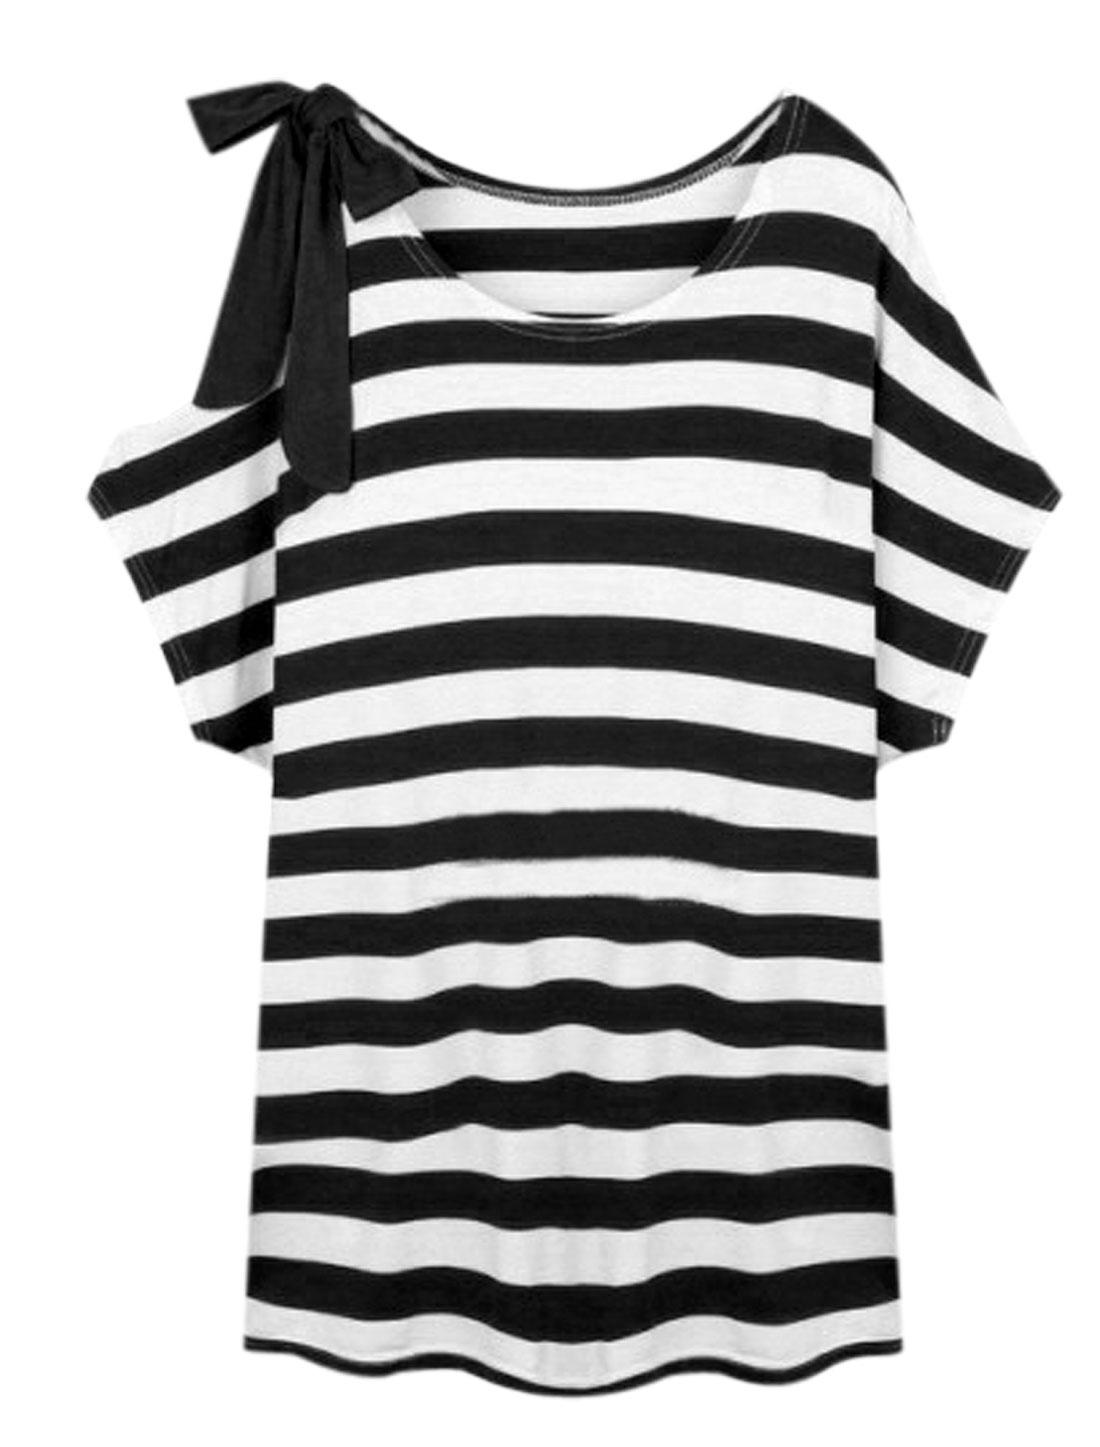 Women Round Neck Horizontal Stripes Casual Tunic Tops Black White XS